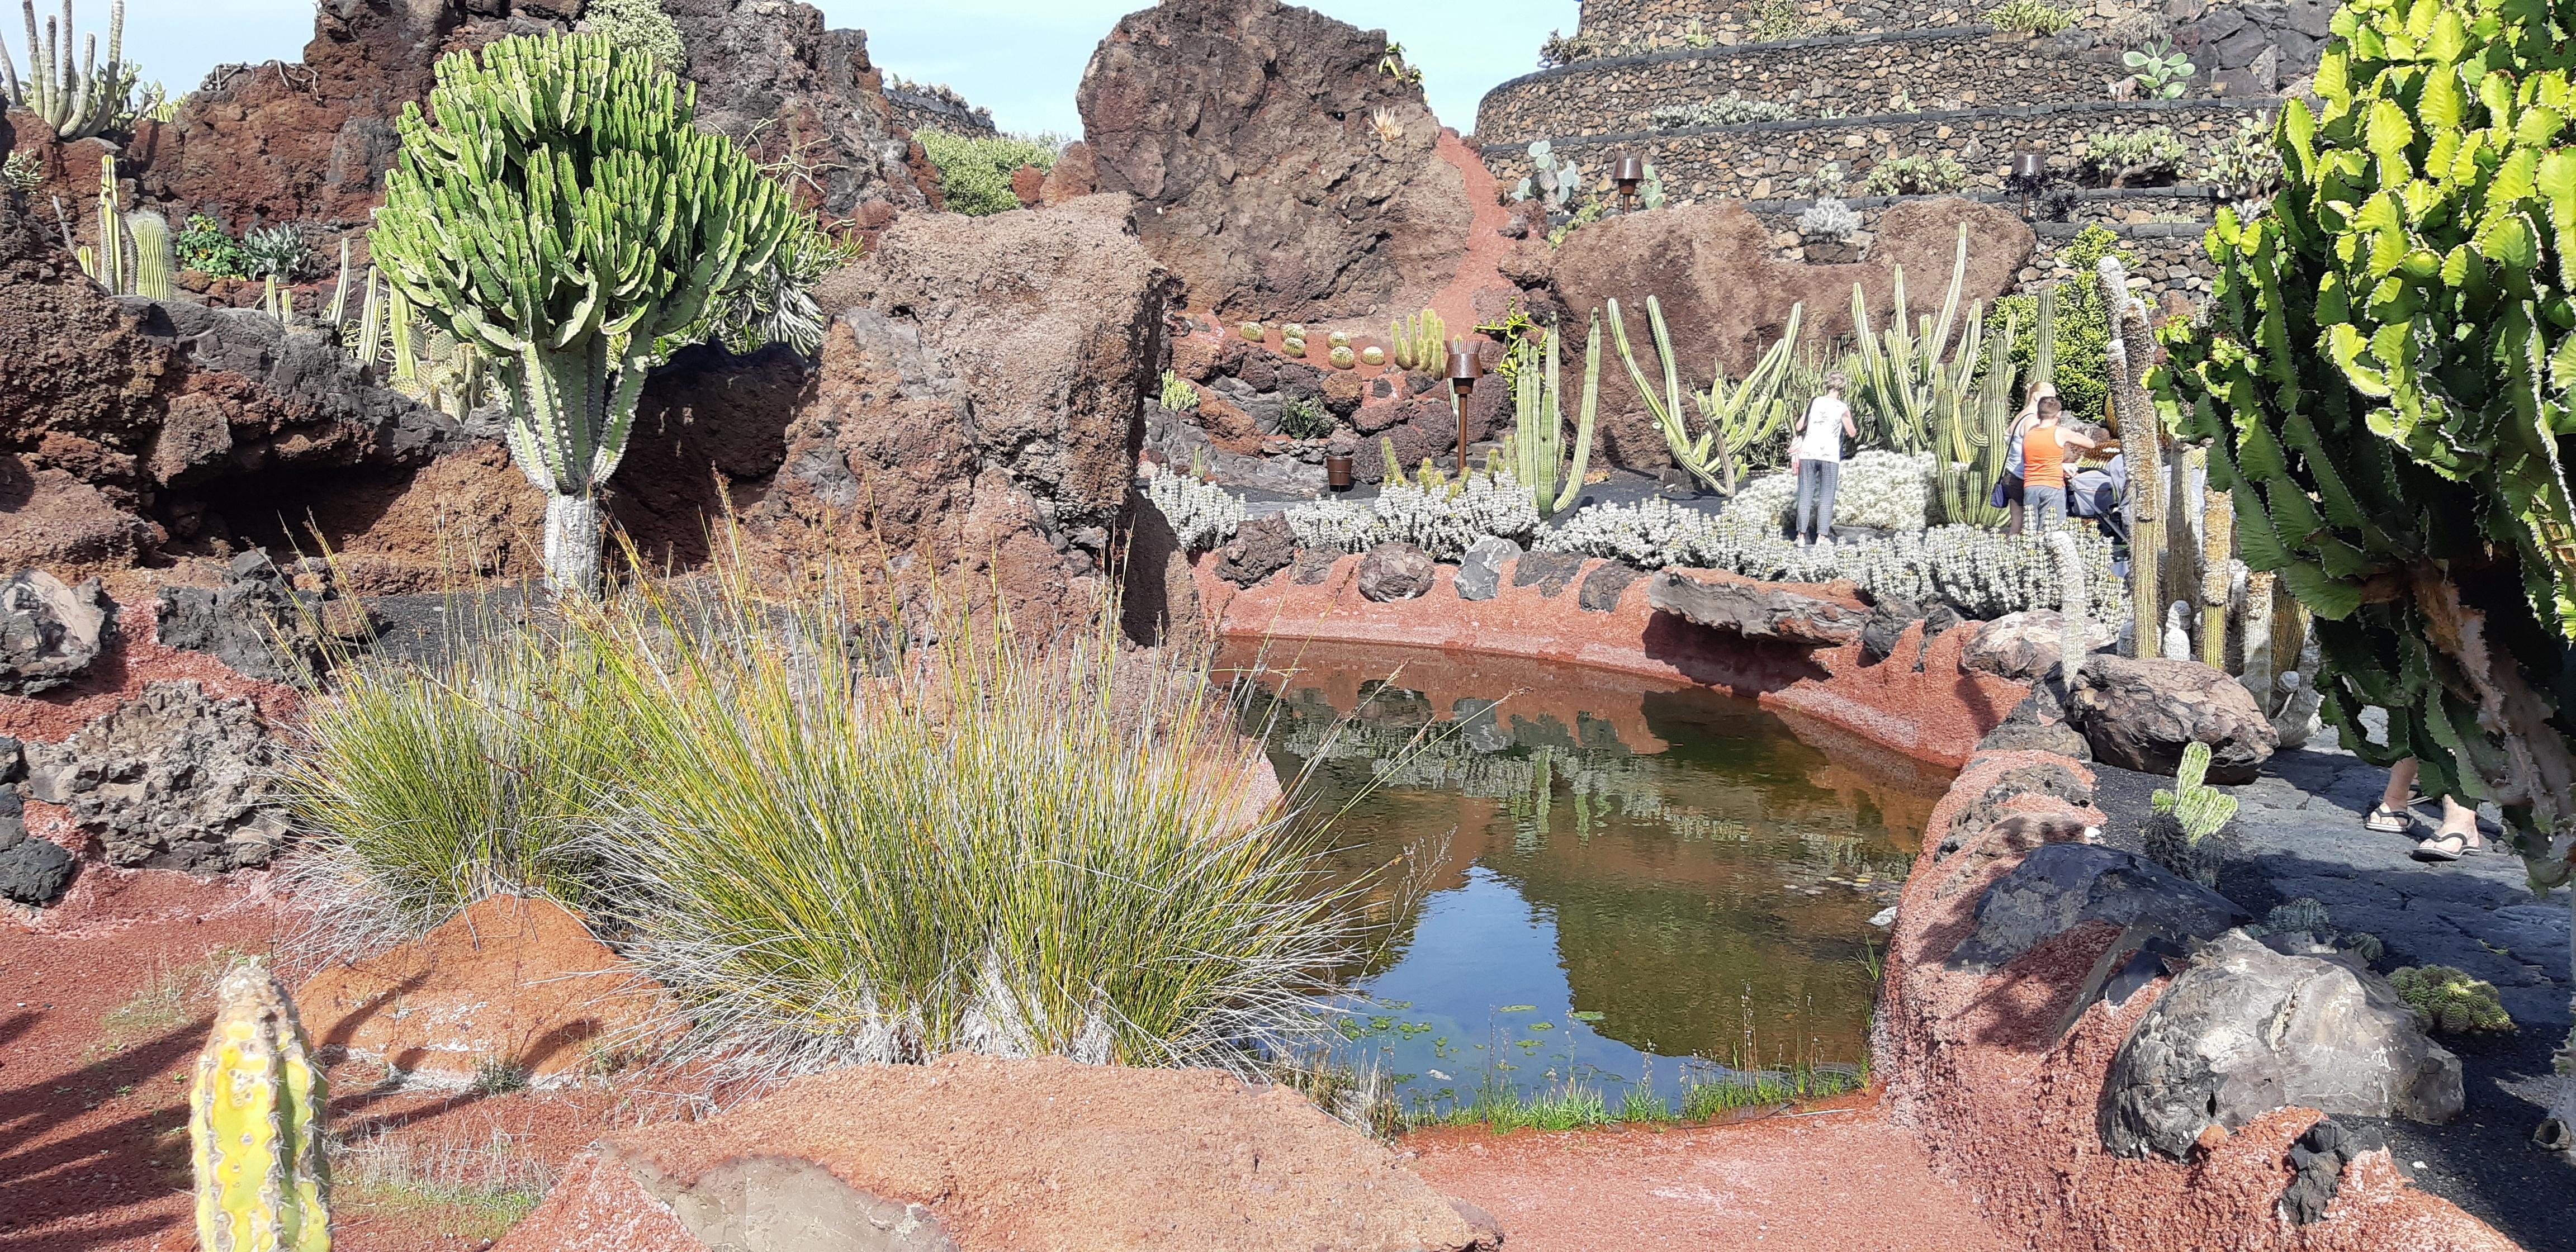 Lanzarote _ Jardin de Cactus_10.jpeg